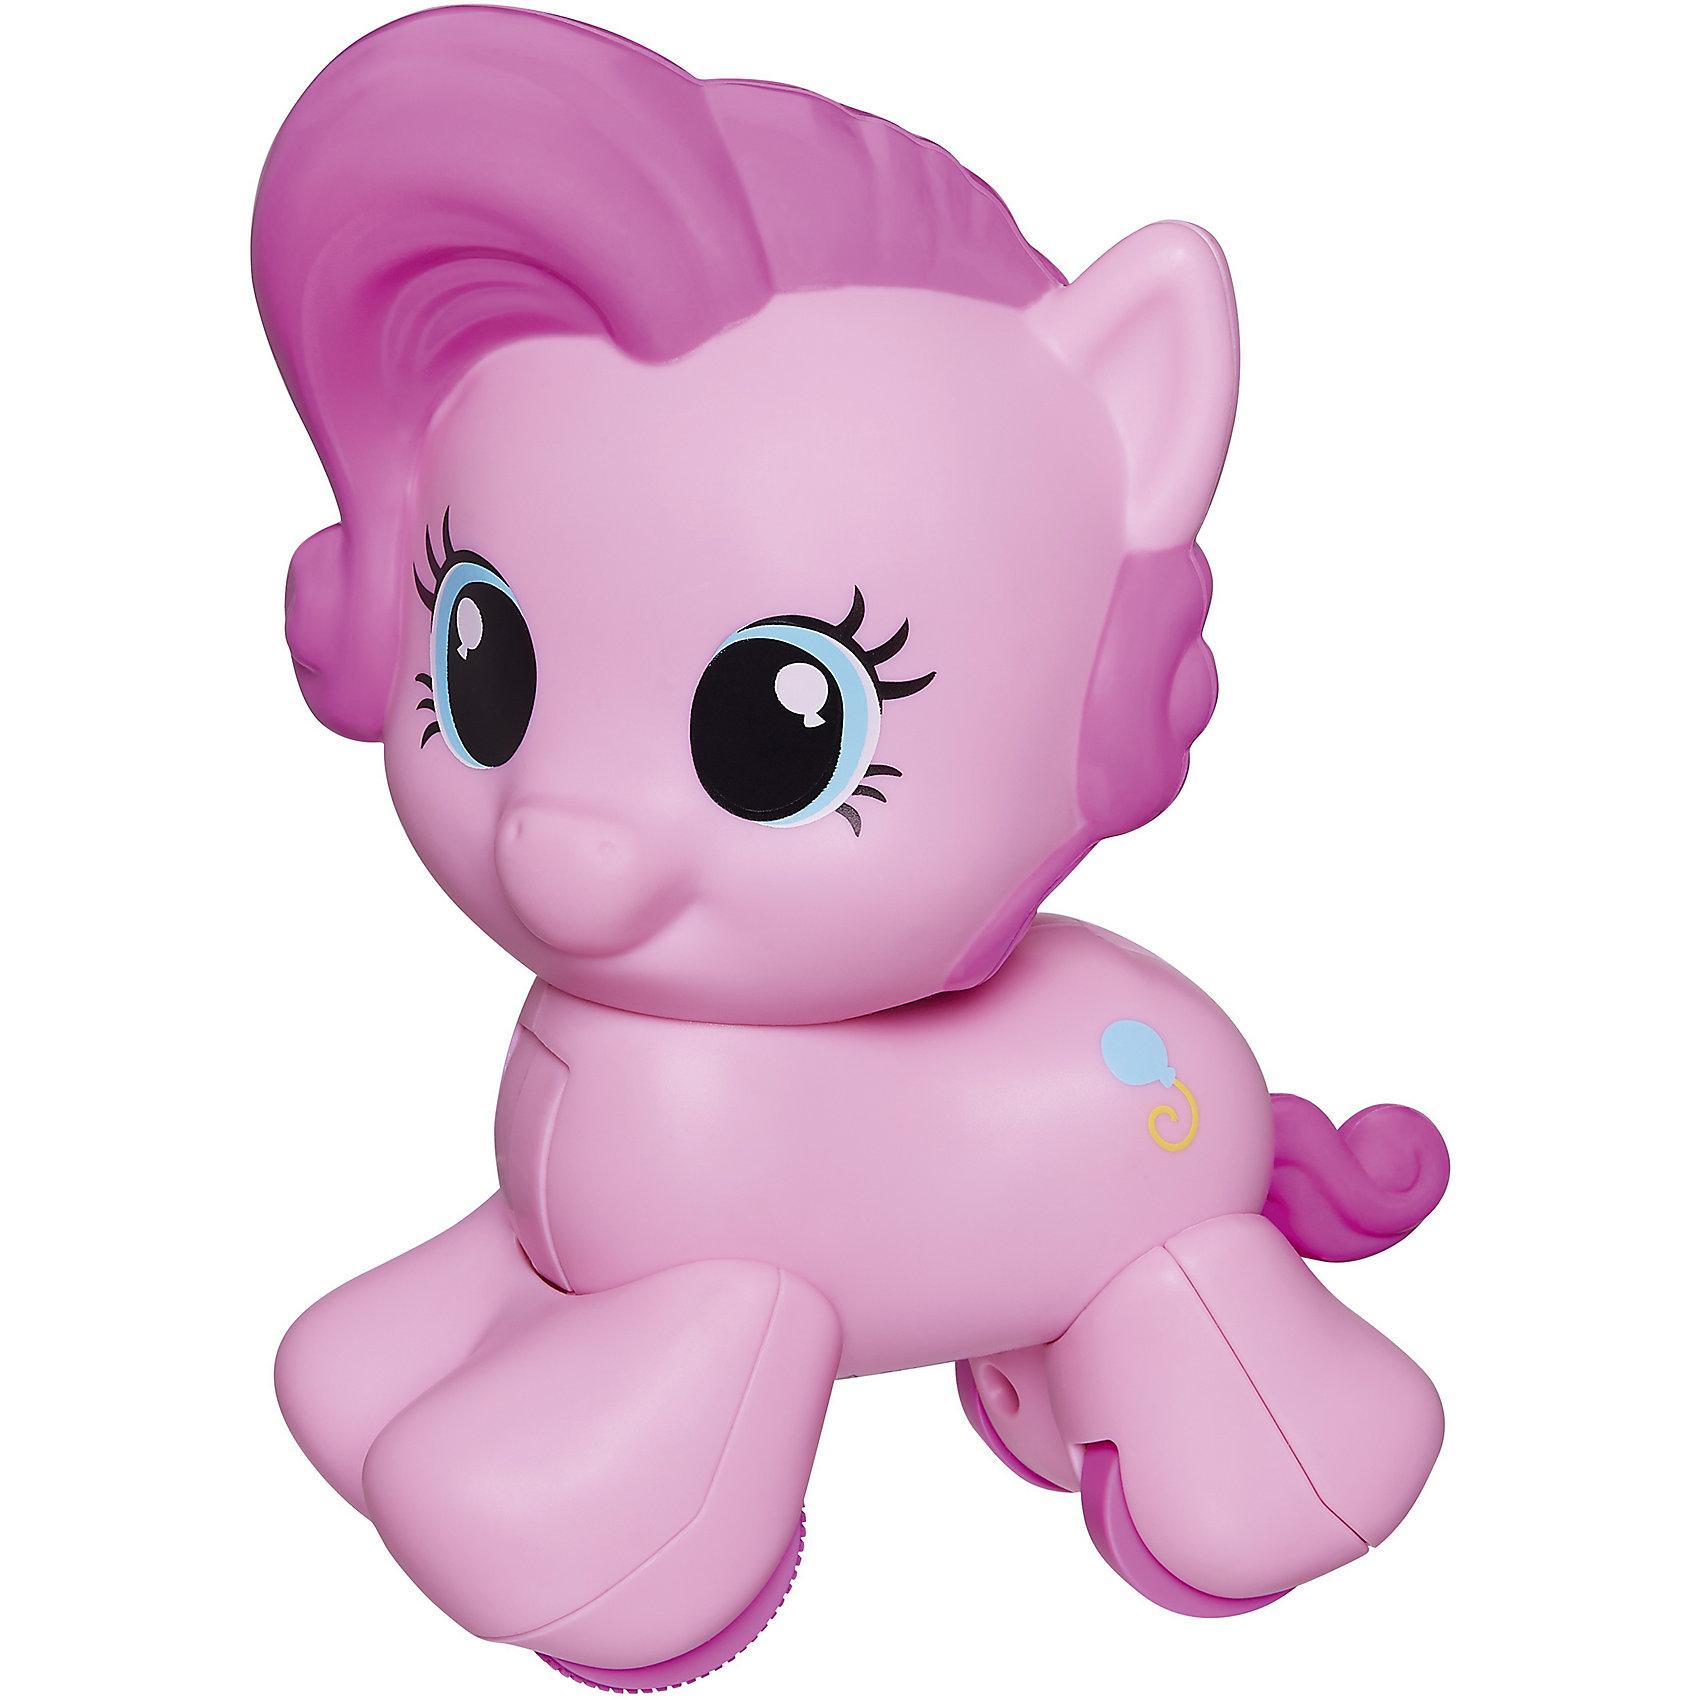 Моя первая Пони, My little Pony, PLAYSKOOLМоя первая Пони, My little Pony (Мой маленький Пони), PLAYSKOOL (Плейскул) станет замечательным подарком для детей с самого раннего возраста и принесет море радости и позитивных эмоций! Нажми на спинку Пони, и она поедет вперед, чтобы ребенок мог ползти за ней.<br><br>Дополнительная информация:<br>-Материалы: пластик<br>-Высота: 17 см<br><br>Моя первая Пони, My little Pony (Мой маленький Пони), PLAYSKOOL (Плейскул) можно купить в нашем магазине.<br><br>Ширина мм: 81<br>Глубина мм: 178<br>Высота мм: 203<br>Вес г: 390<br>Возраст от месяцев: 6<br>Возраст до месяцев: 36<br>Пол: Женский<br>Возраст: Детский<br>SKU: 4188587